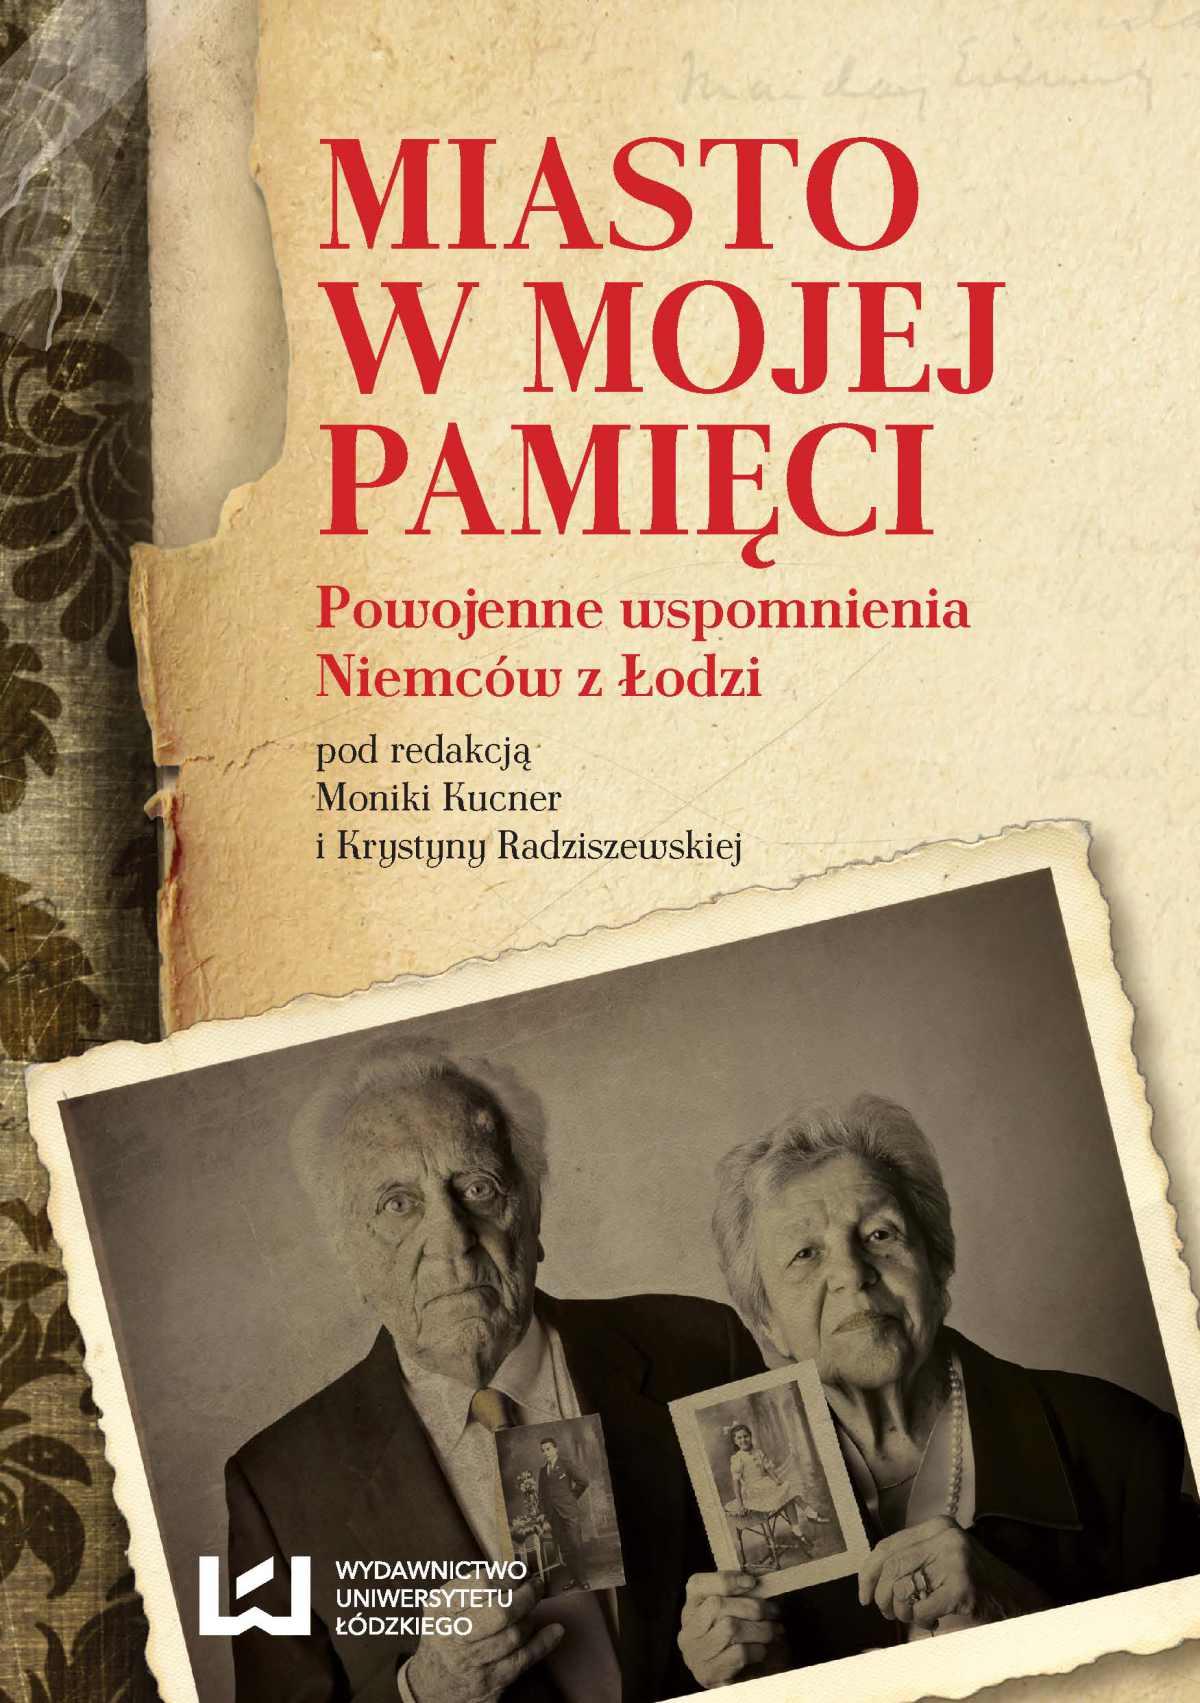 Miasto w mojej pamięci. Powojenne wspomnienia Niemców z Łodzi - Ebook (Książka EPUB) do pobrania w formacie EPUB